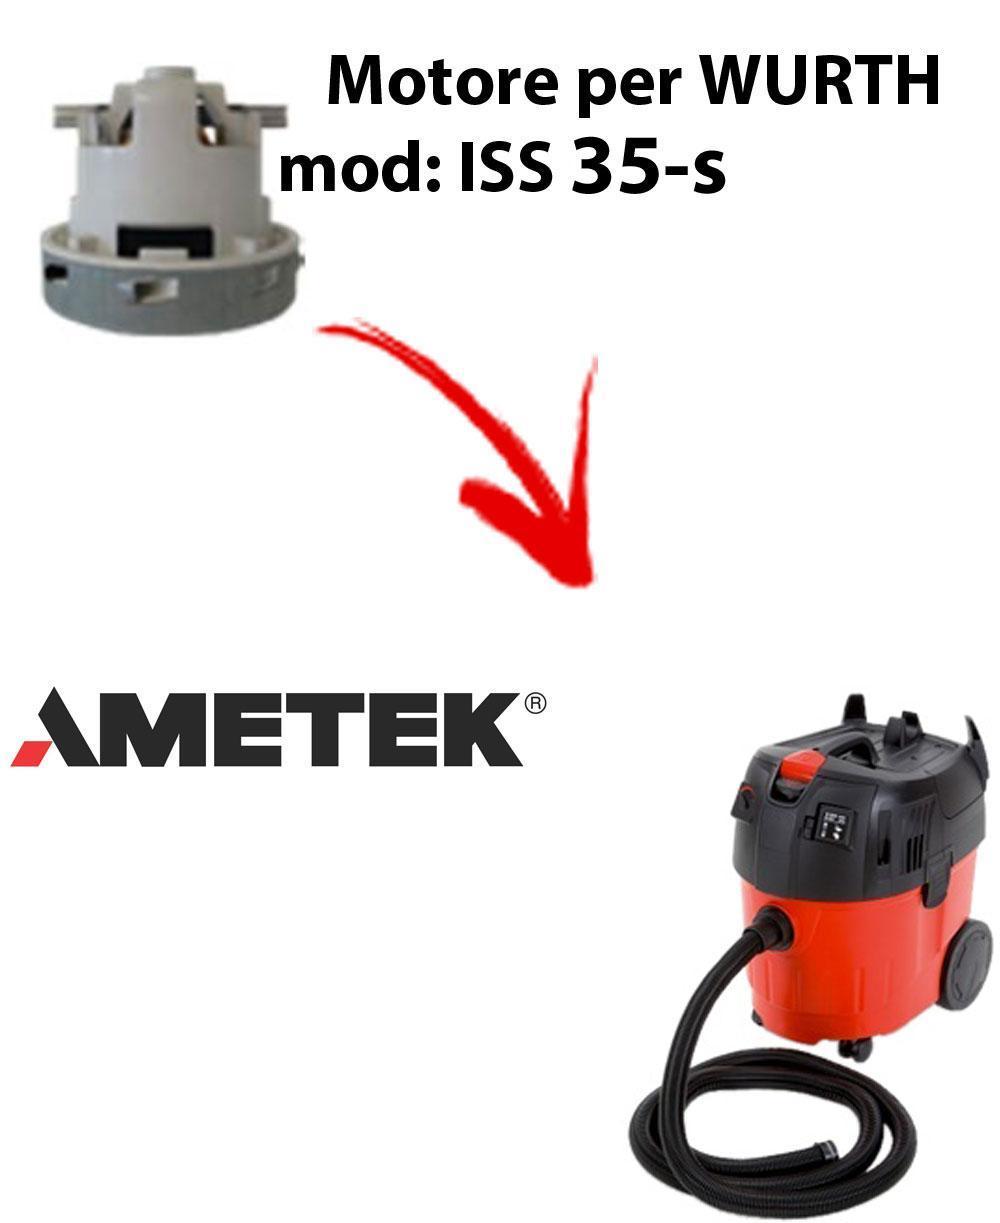 ISS 35-S automatic Motore de aspiración AMETEK para aspiradora WURTH